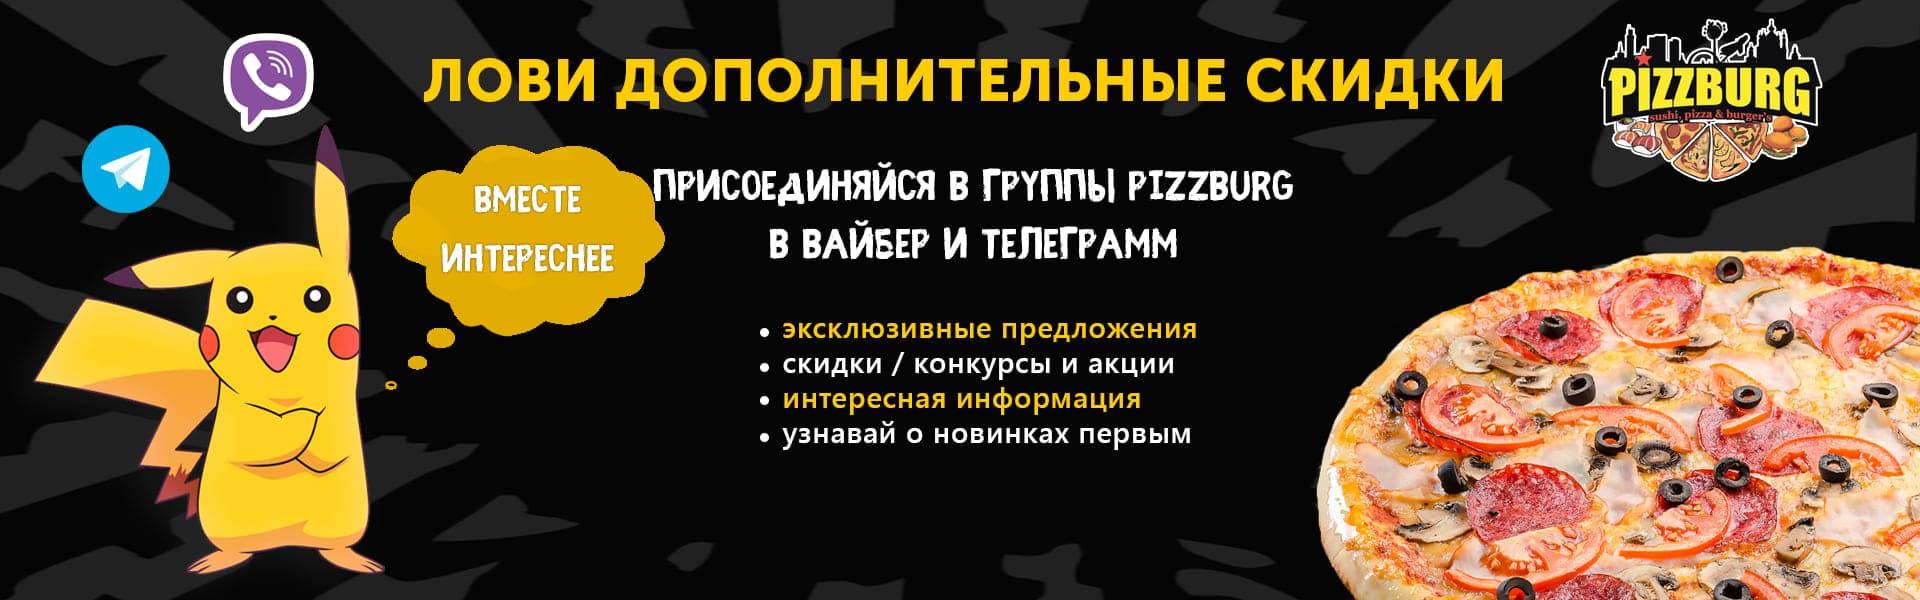 Фото - Присоединяйтесь в группы Pizzburg в вайб - Пиццбург